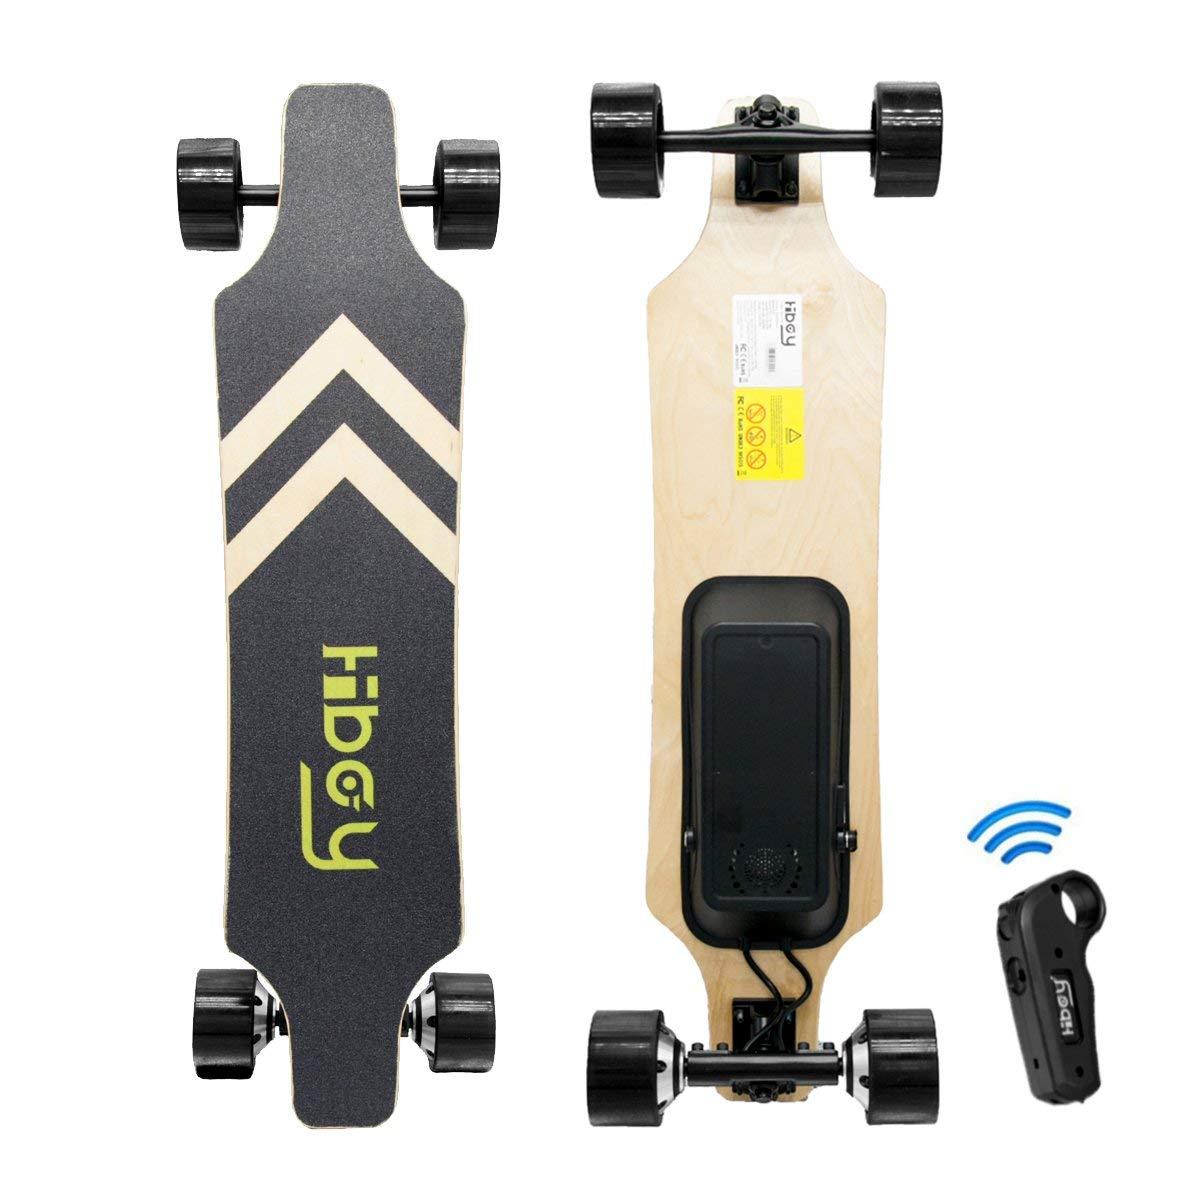 Hiboy Skateboard Eléctrico S22 (2x350w)